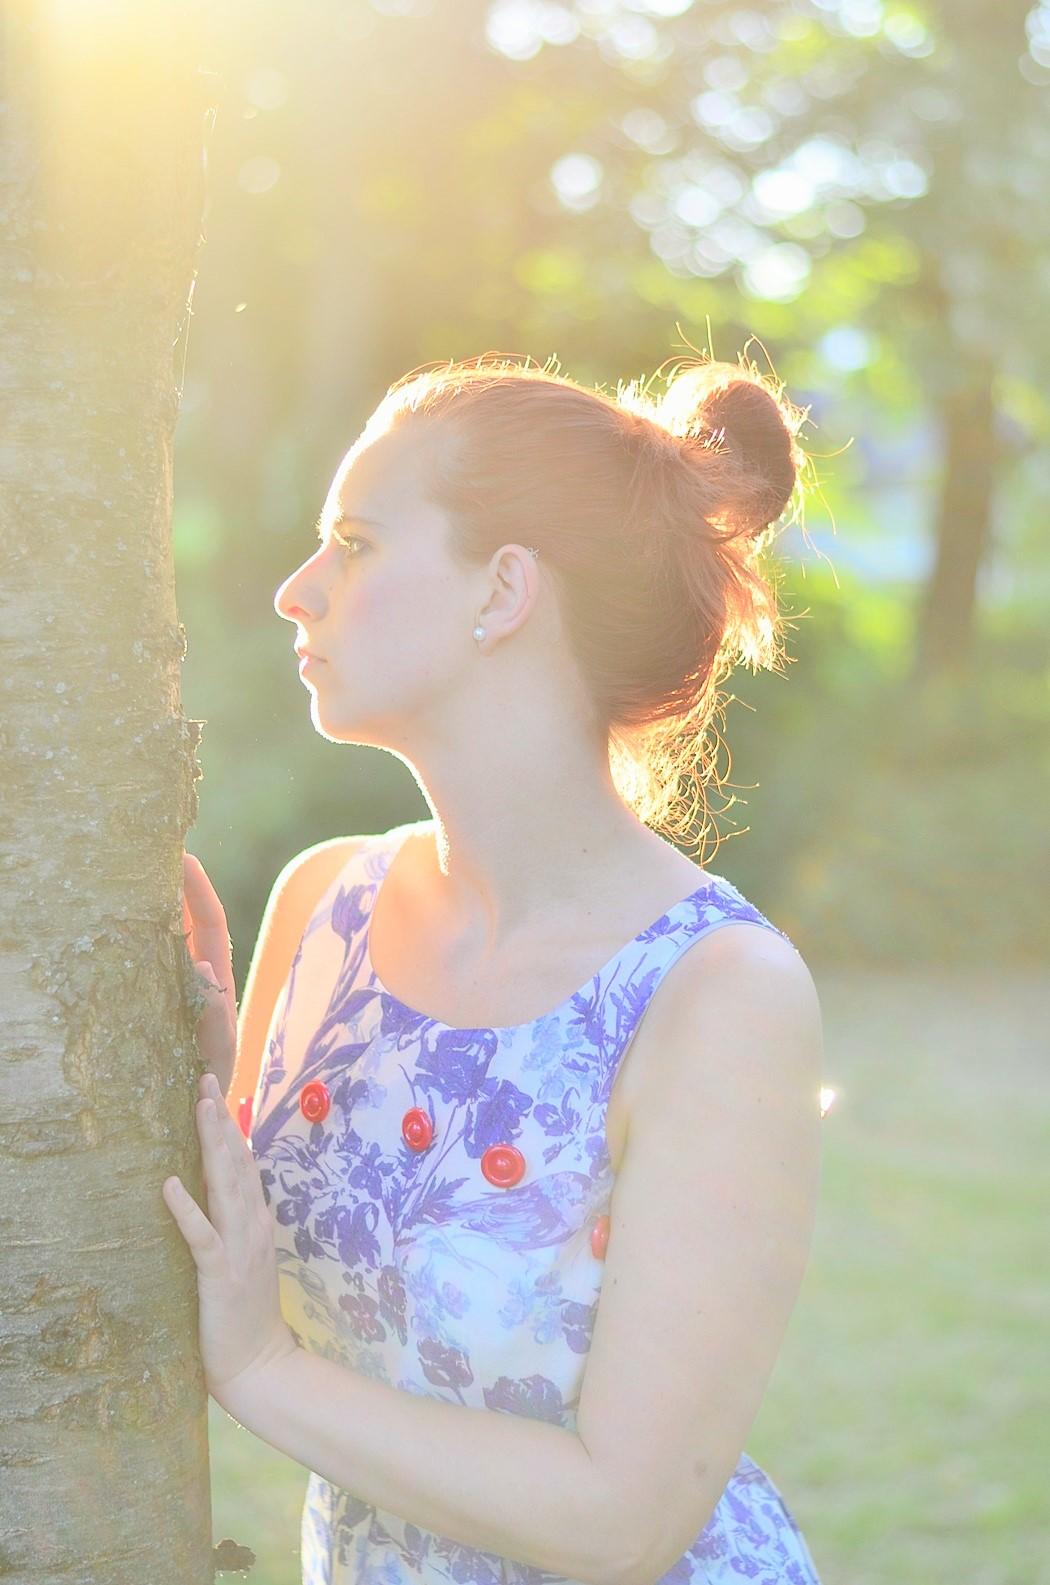 Alice's Pig-Kleid-Maxikleid_Alices Pig_Kleid von Alice's Pig-blaues Maxikleid-Gegenlicht Fotografie-Sonnenuntergang-Natur-barfuß-Annanikabu-1 (1)